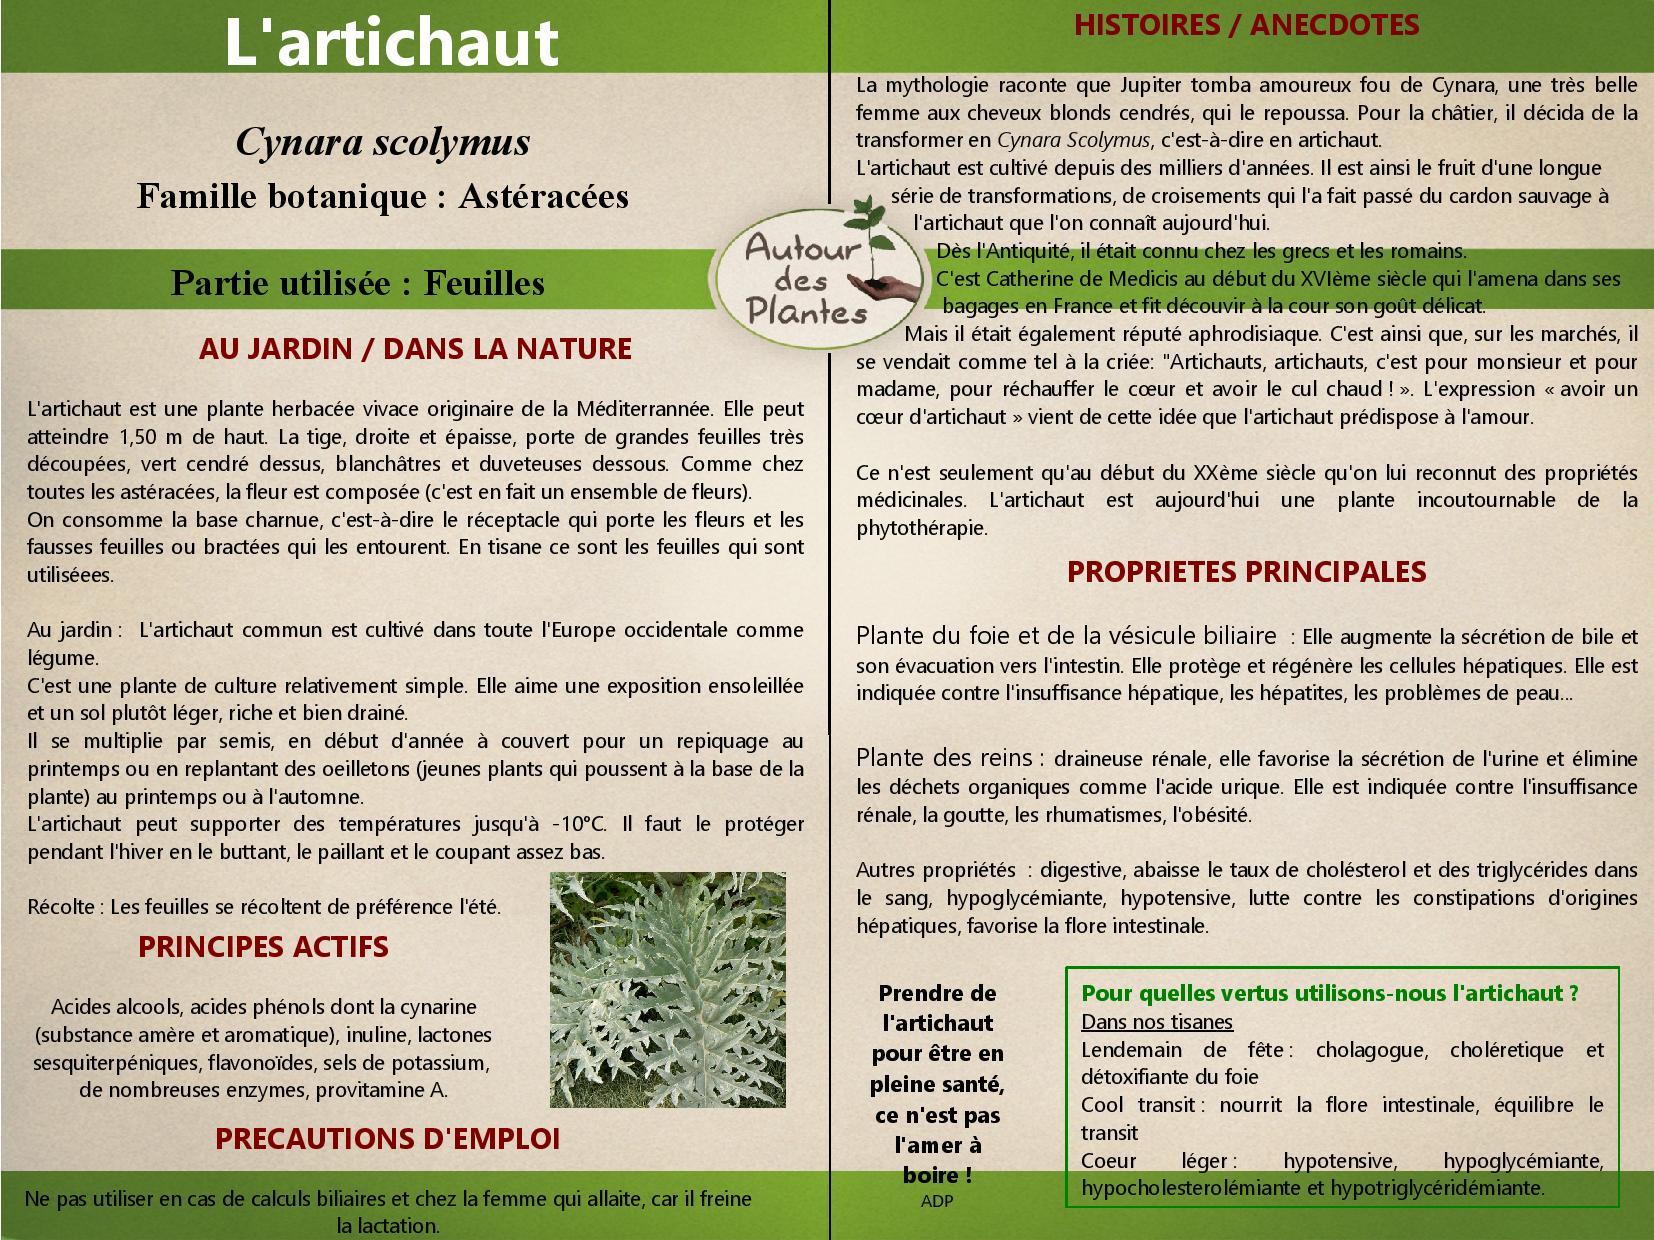 Lartichaut page 001